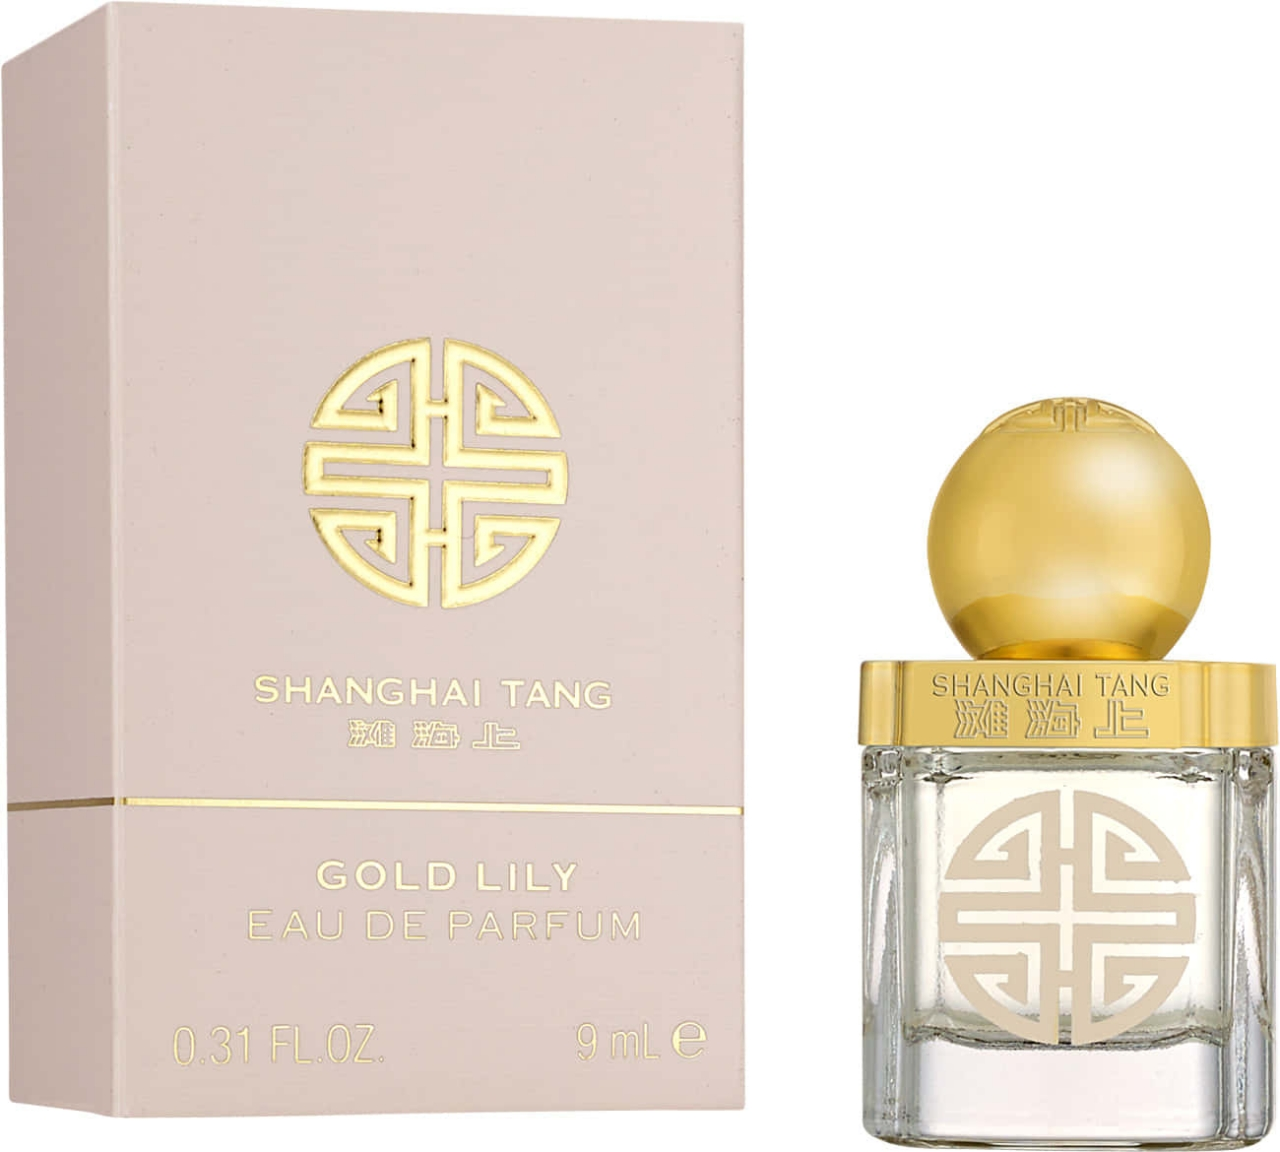 Shanghai Tang Gold Lily Eau de Parfum 9 ml Splash